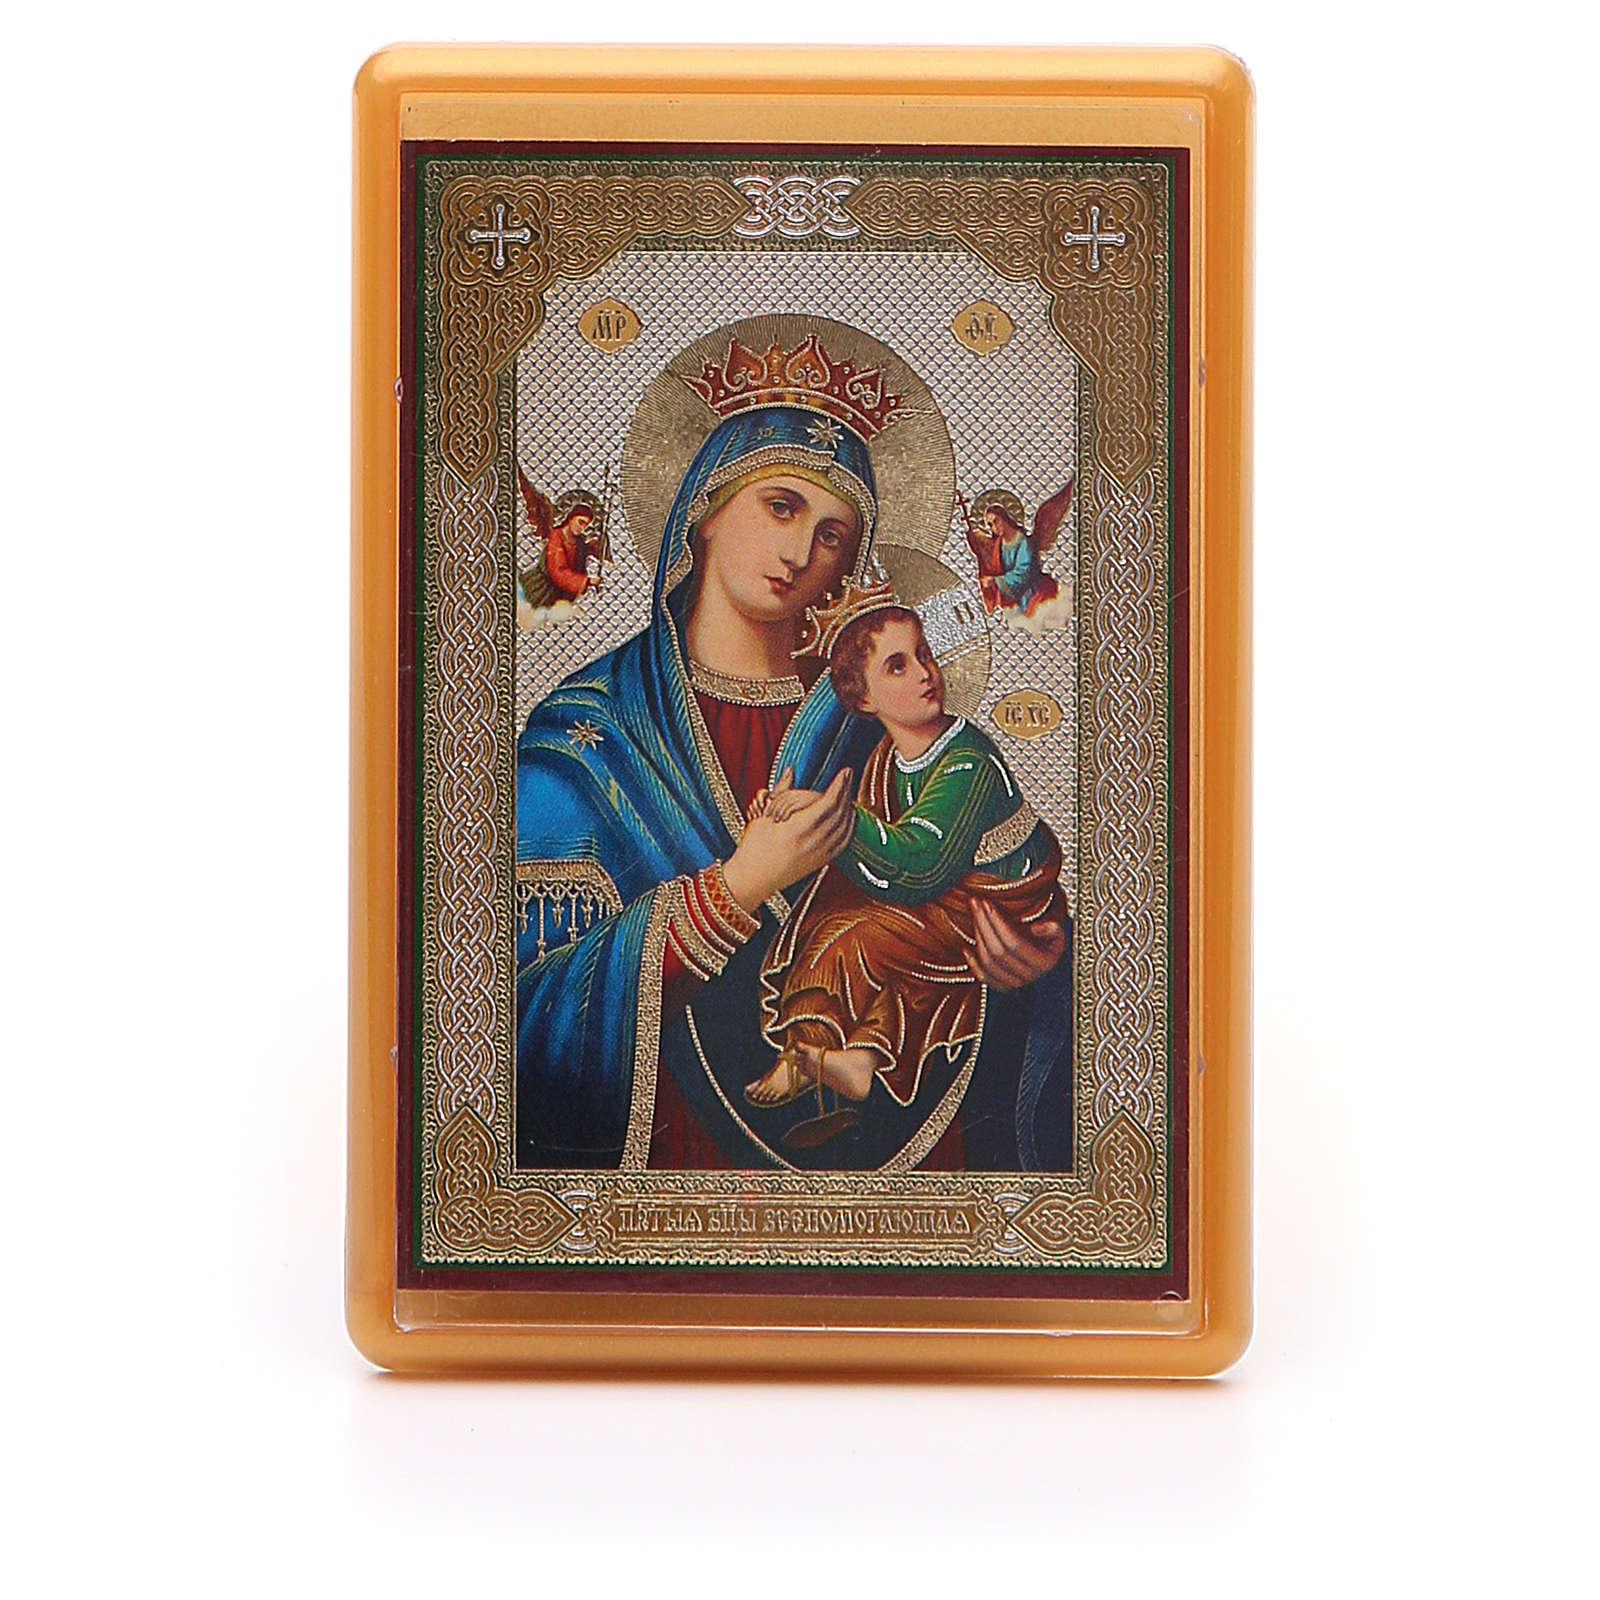 Magnes plexiglass Matki Bożej Nieustającej Pomocy 10 X 7 3